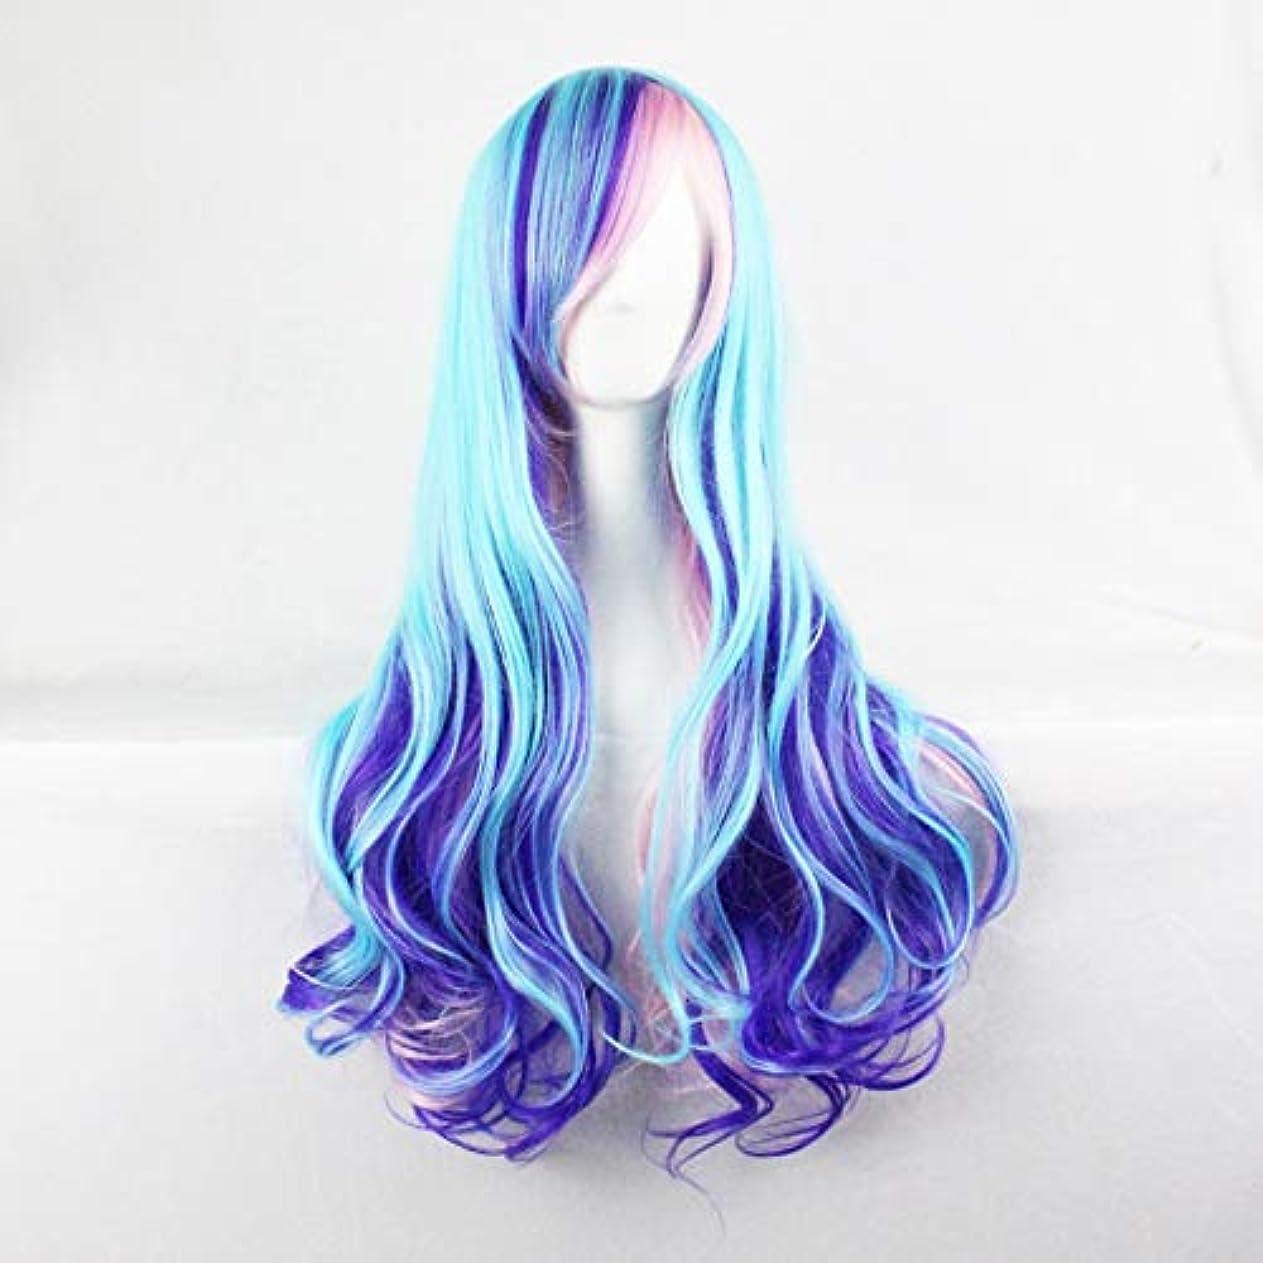 かつらキャップでかつらファンシードレスカールかつら女性用高品質合成毛髪コスプレ高密度かつら女性&女の子ブルー、ピンク、パープル (Color : 青)